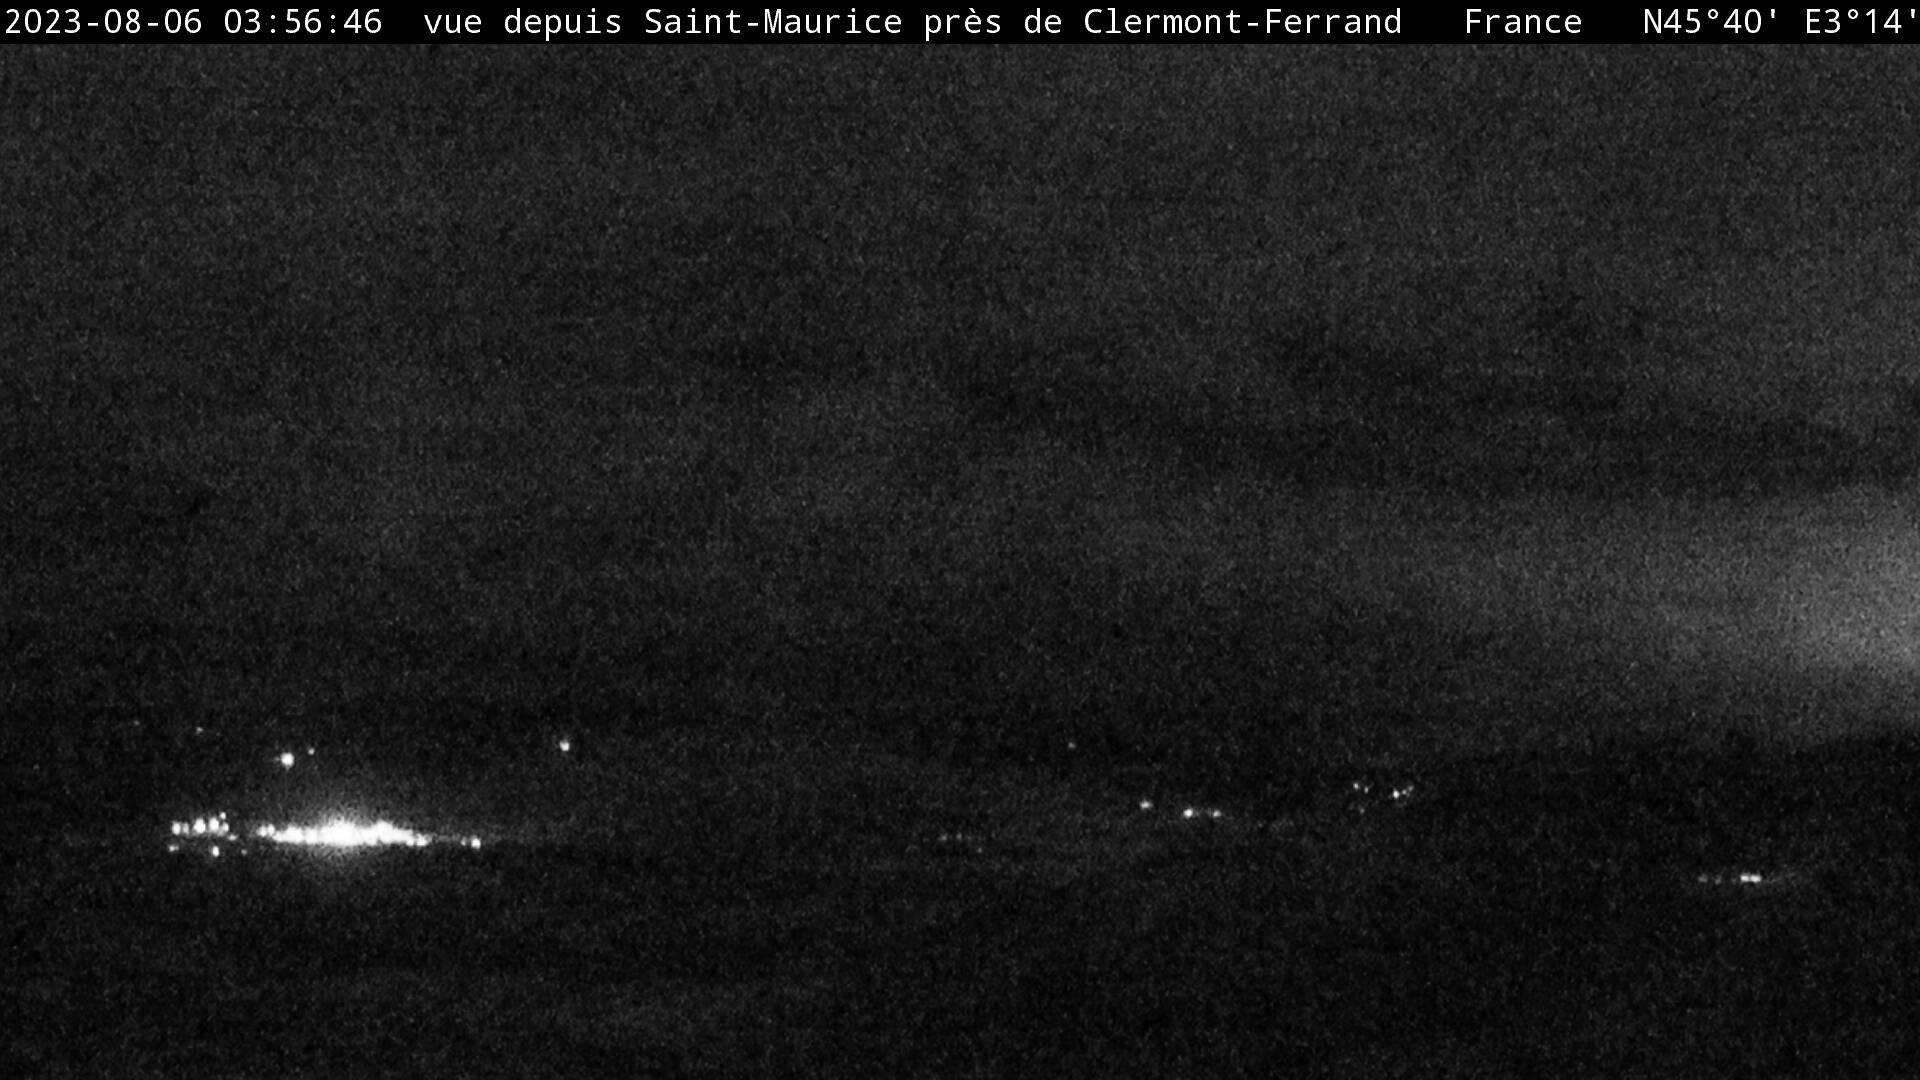 Saint-Maurice Sun. 03:57